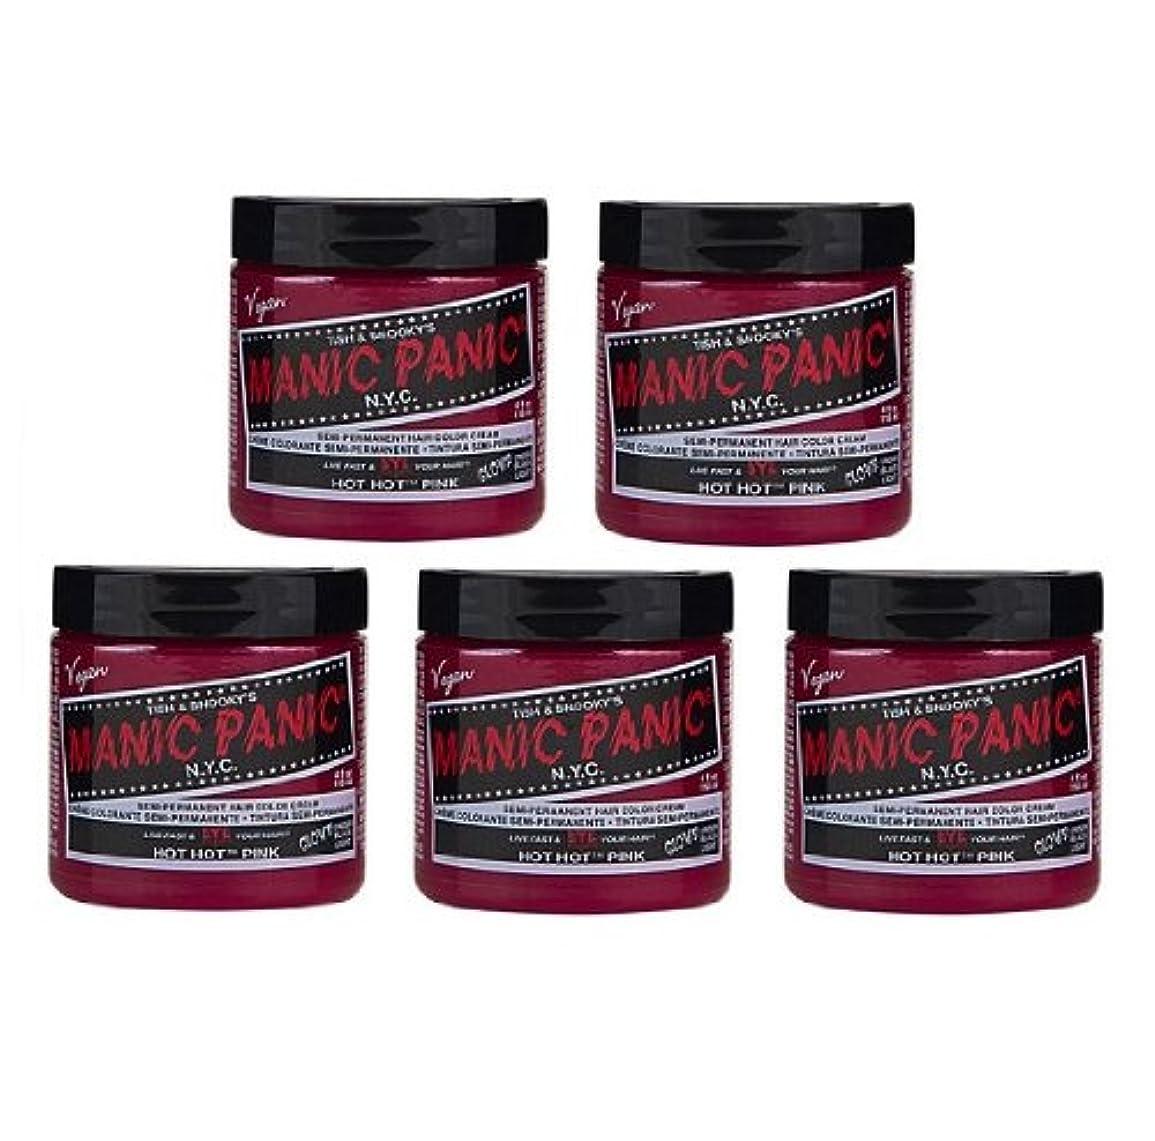 ビスケット脚本家ブランド名【5個セット】MANIC PANIC マニックパニック Hot Hot Pink ホットホットピンク 118ml